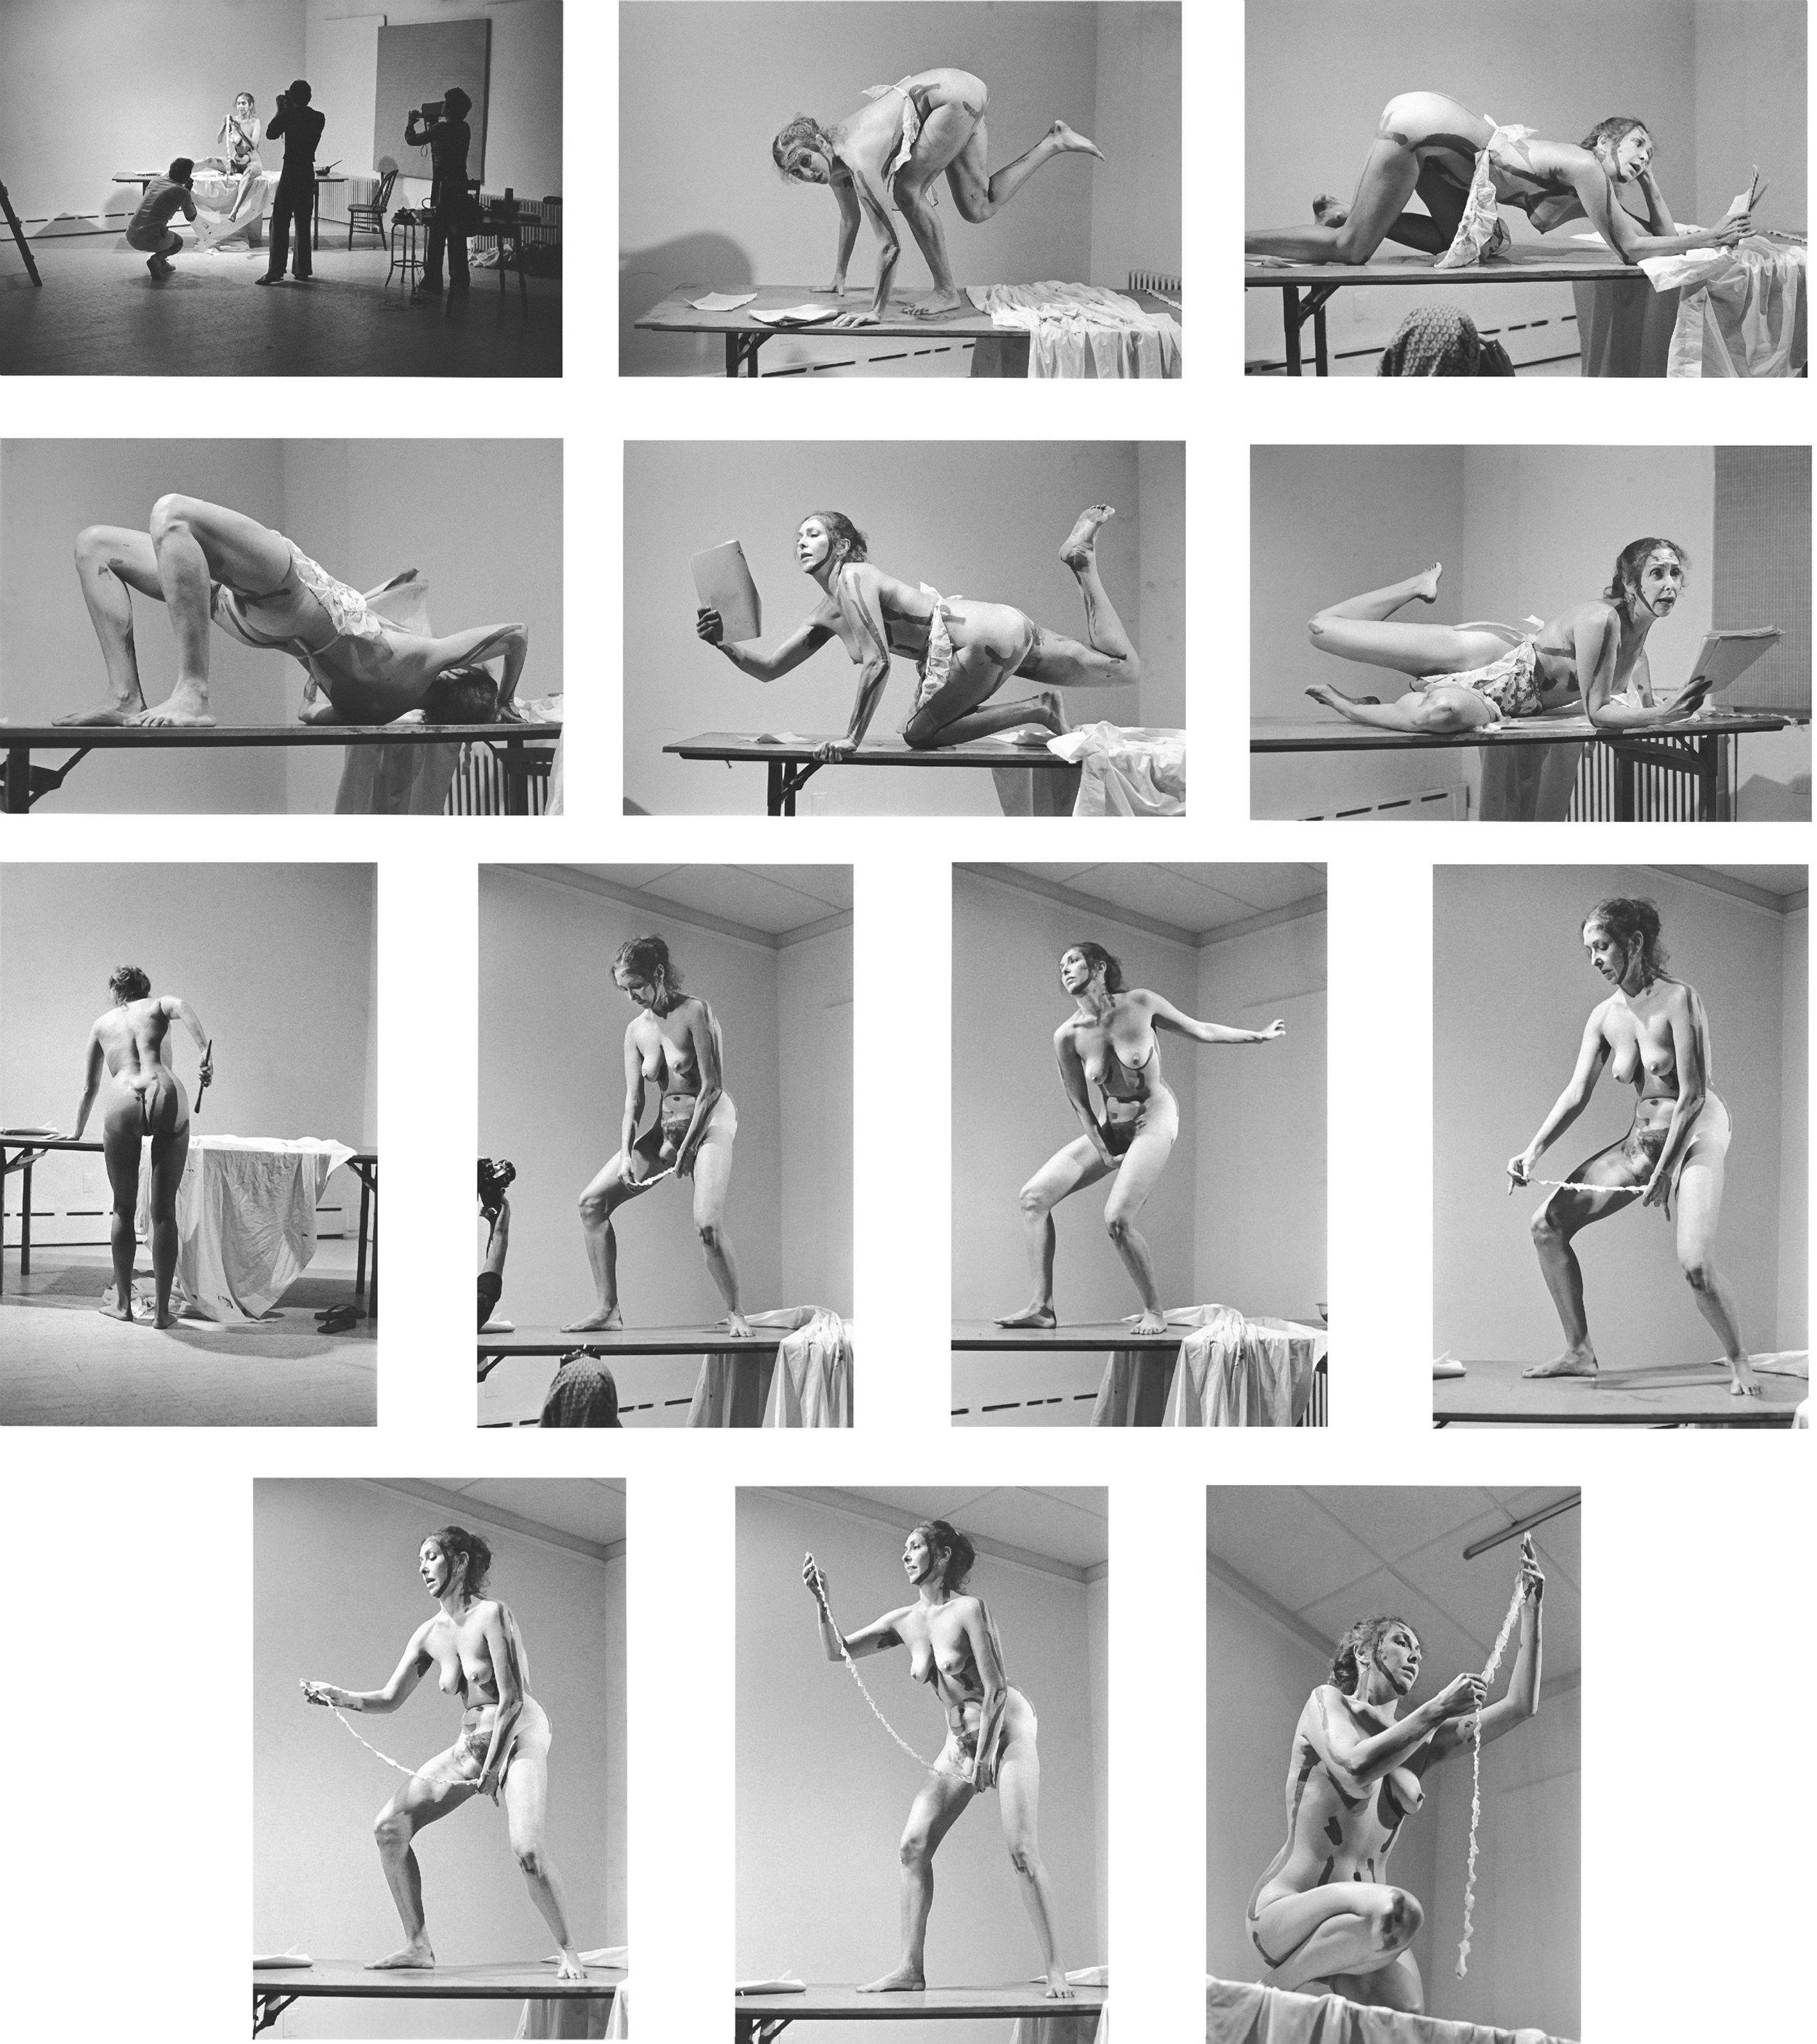 Carolee Schneemann, Interior Scroll, 1975, performance